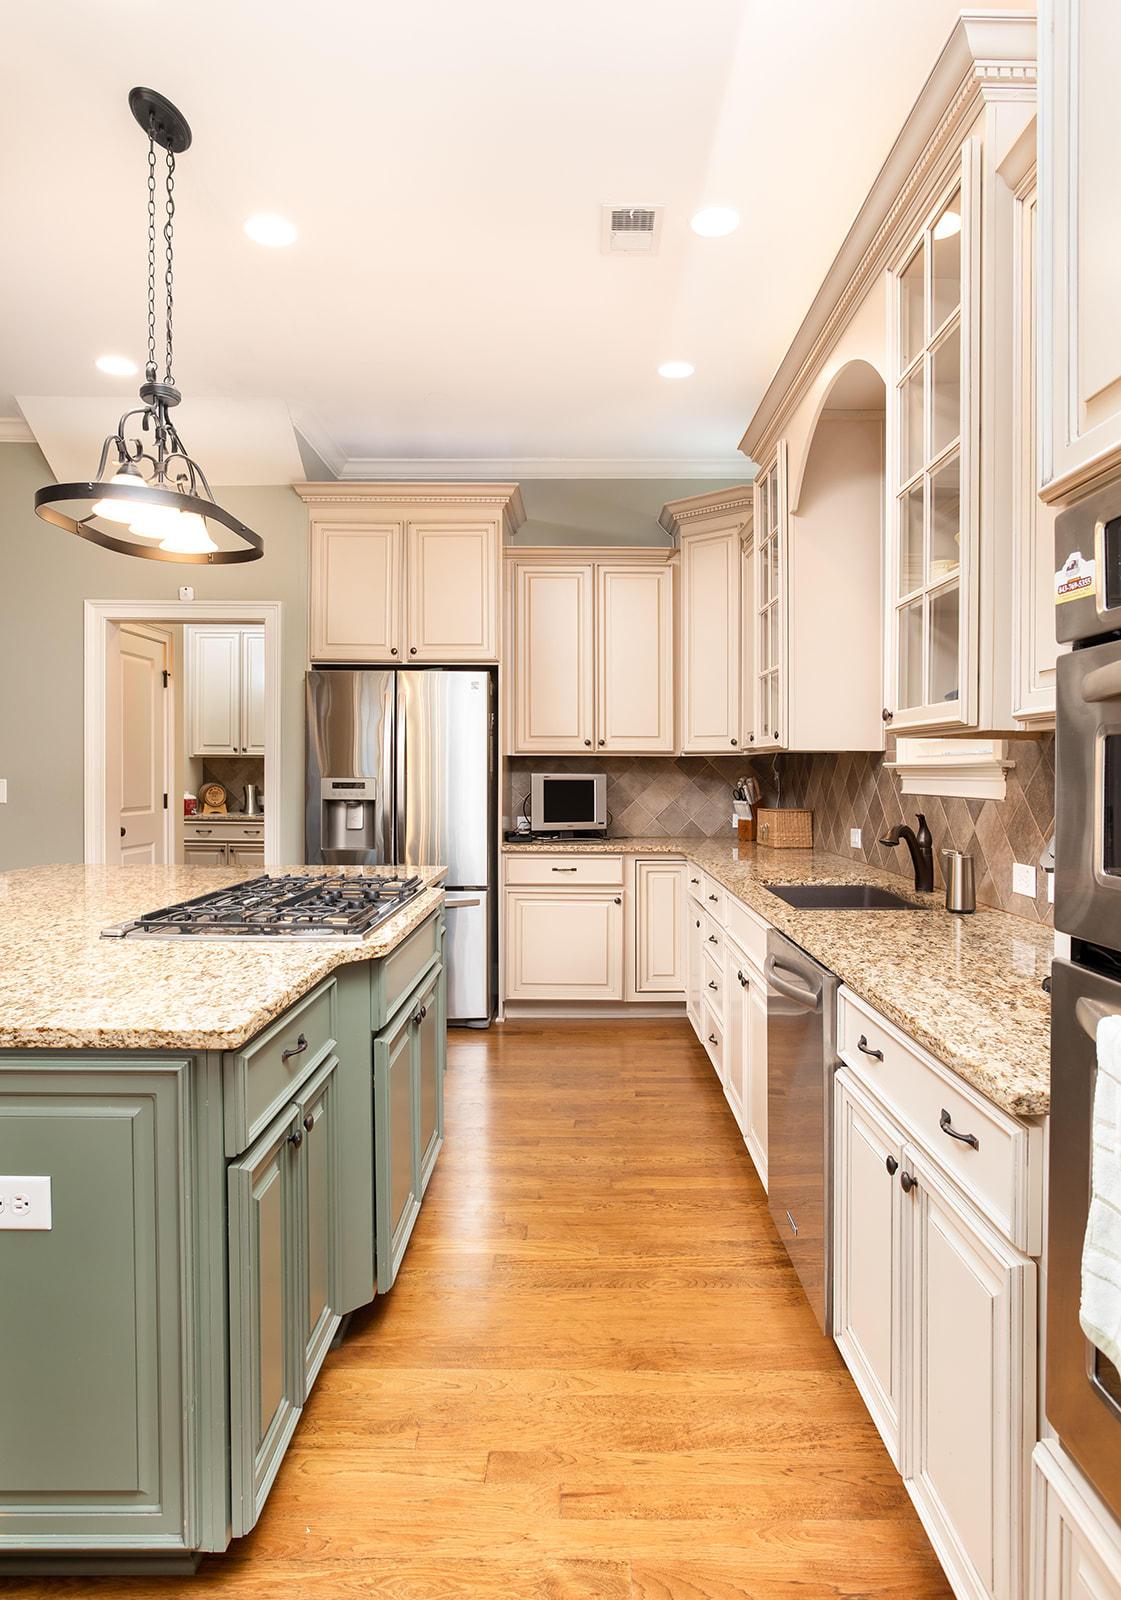 Dunes West Homes For Sale - 3019 Yachtsman, Mount Pleasant, SC - 10